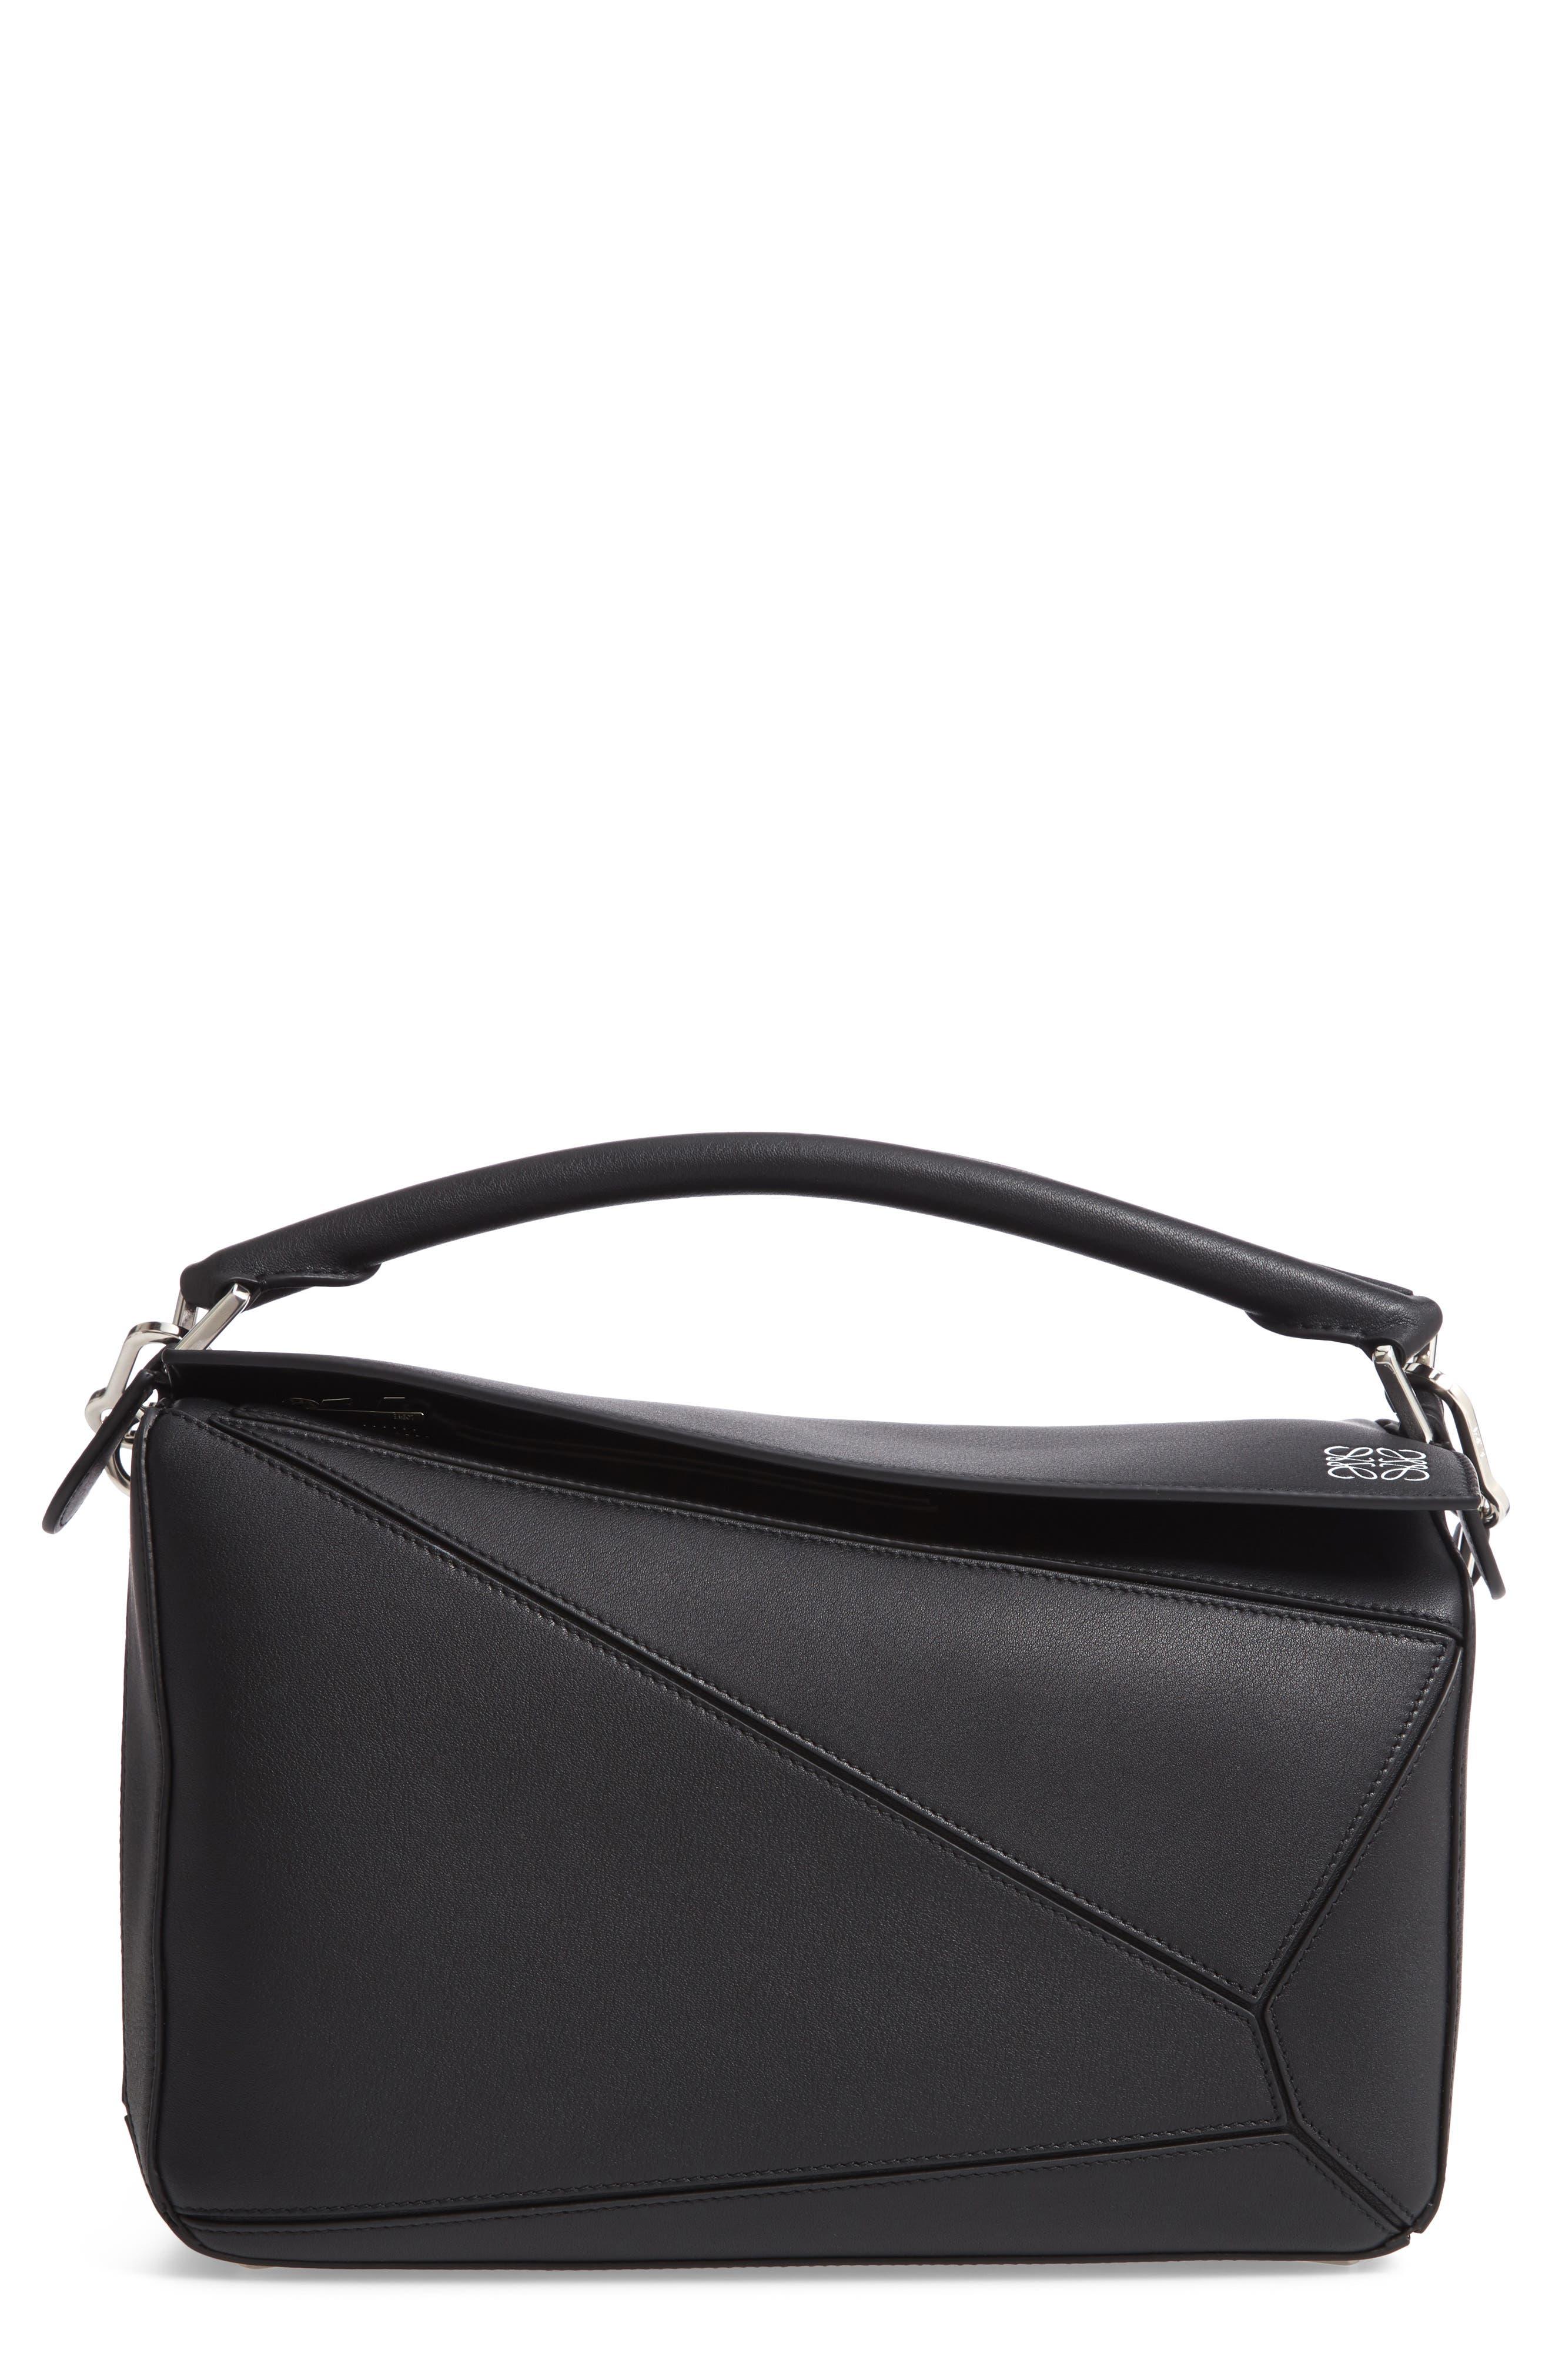 Medium Puzzle Bag,                         Main,                         color, BLACK